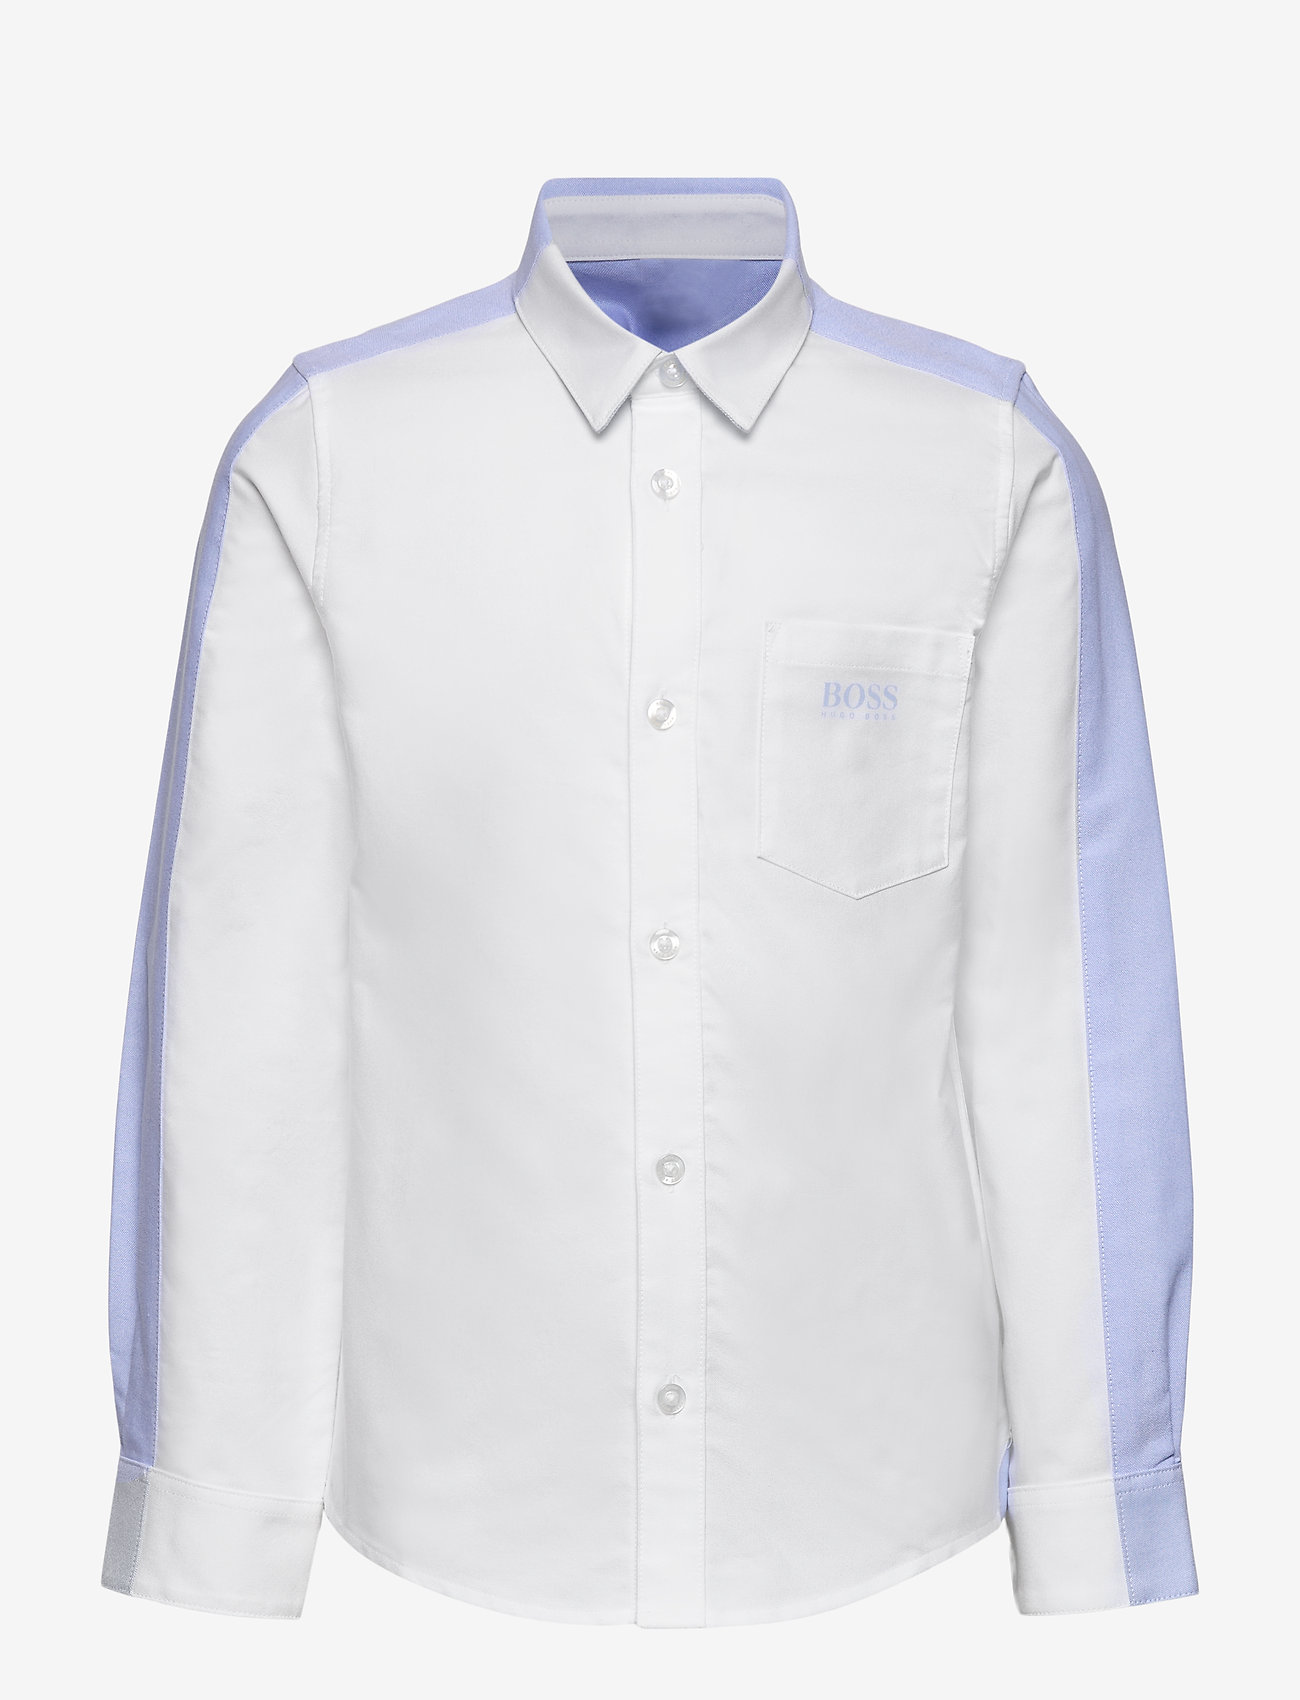 BOSS - LONG SLEEVED SHIRT - overhemden - white - 0